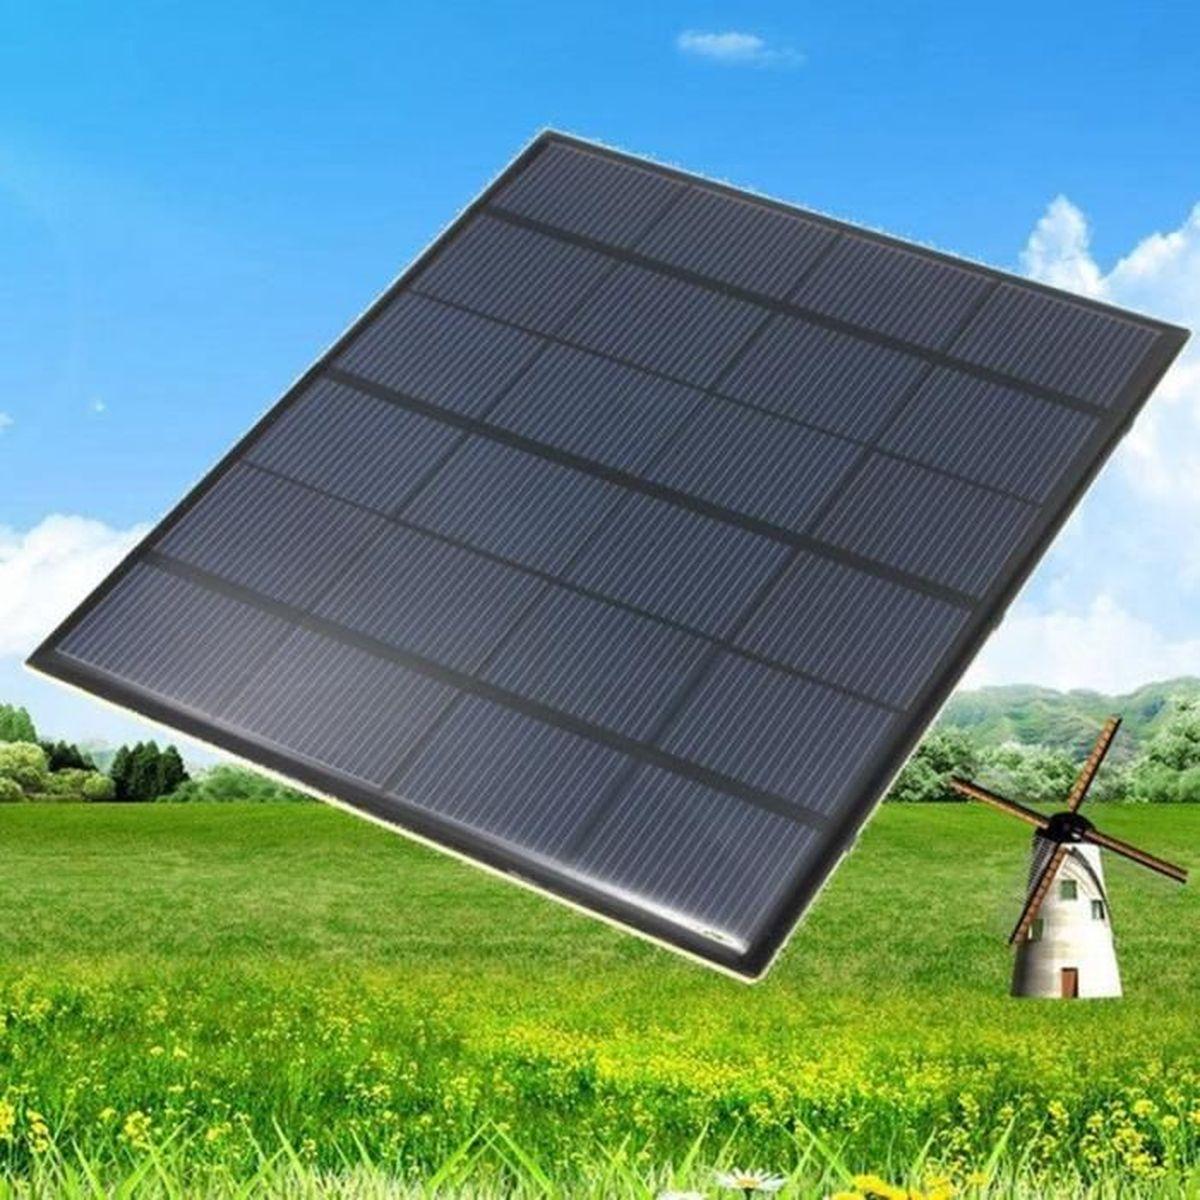 panneau solaire balcon kit w v panneau solaire petit cellule solaire pv m with panneau solaire. Black Bedroom Furniture Sets. Home Design Ideas